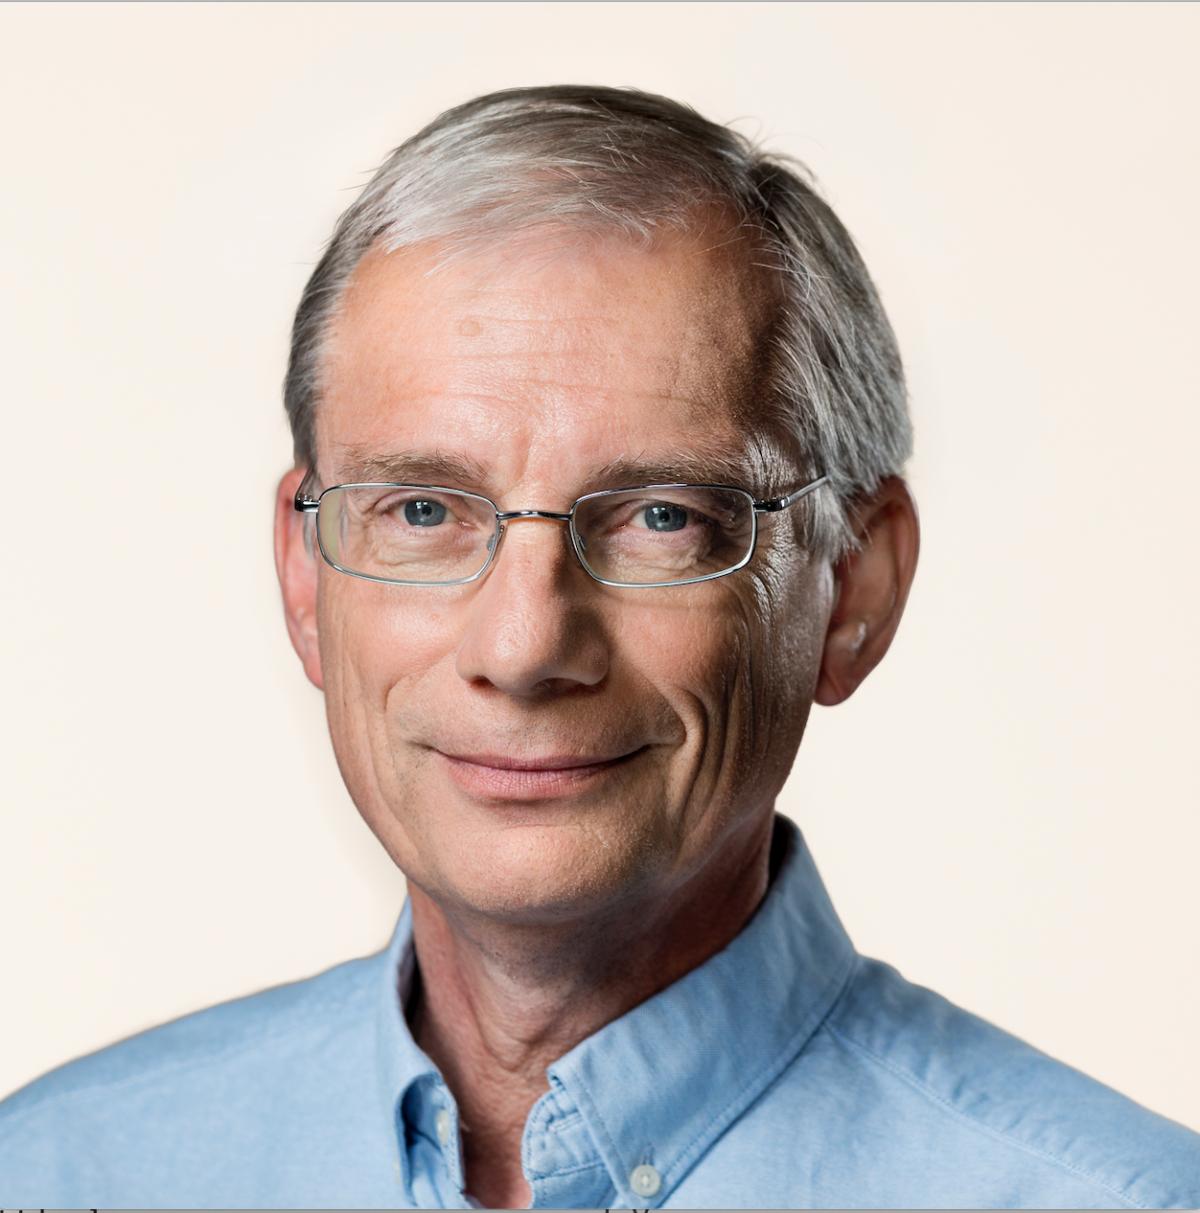 DAGENS POLITIKER: Børneordfører Jakob Sølvhøj (Ø)